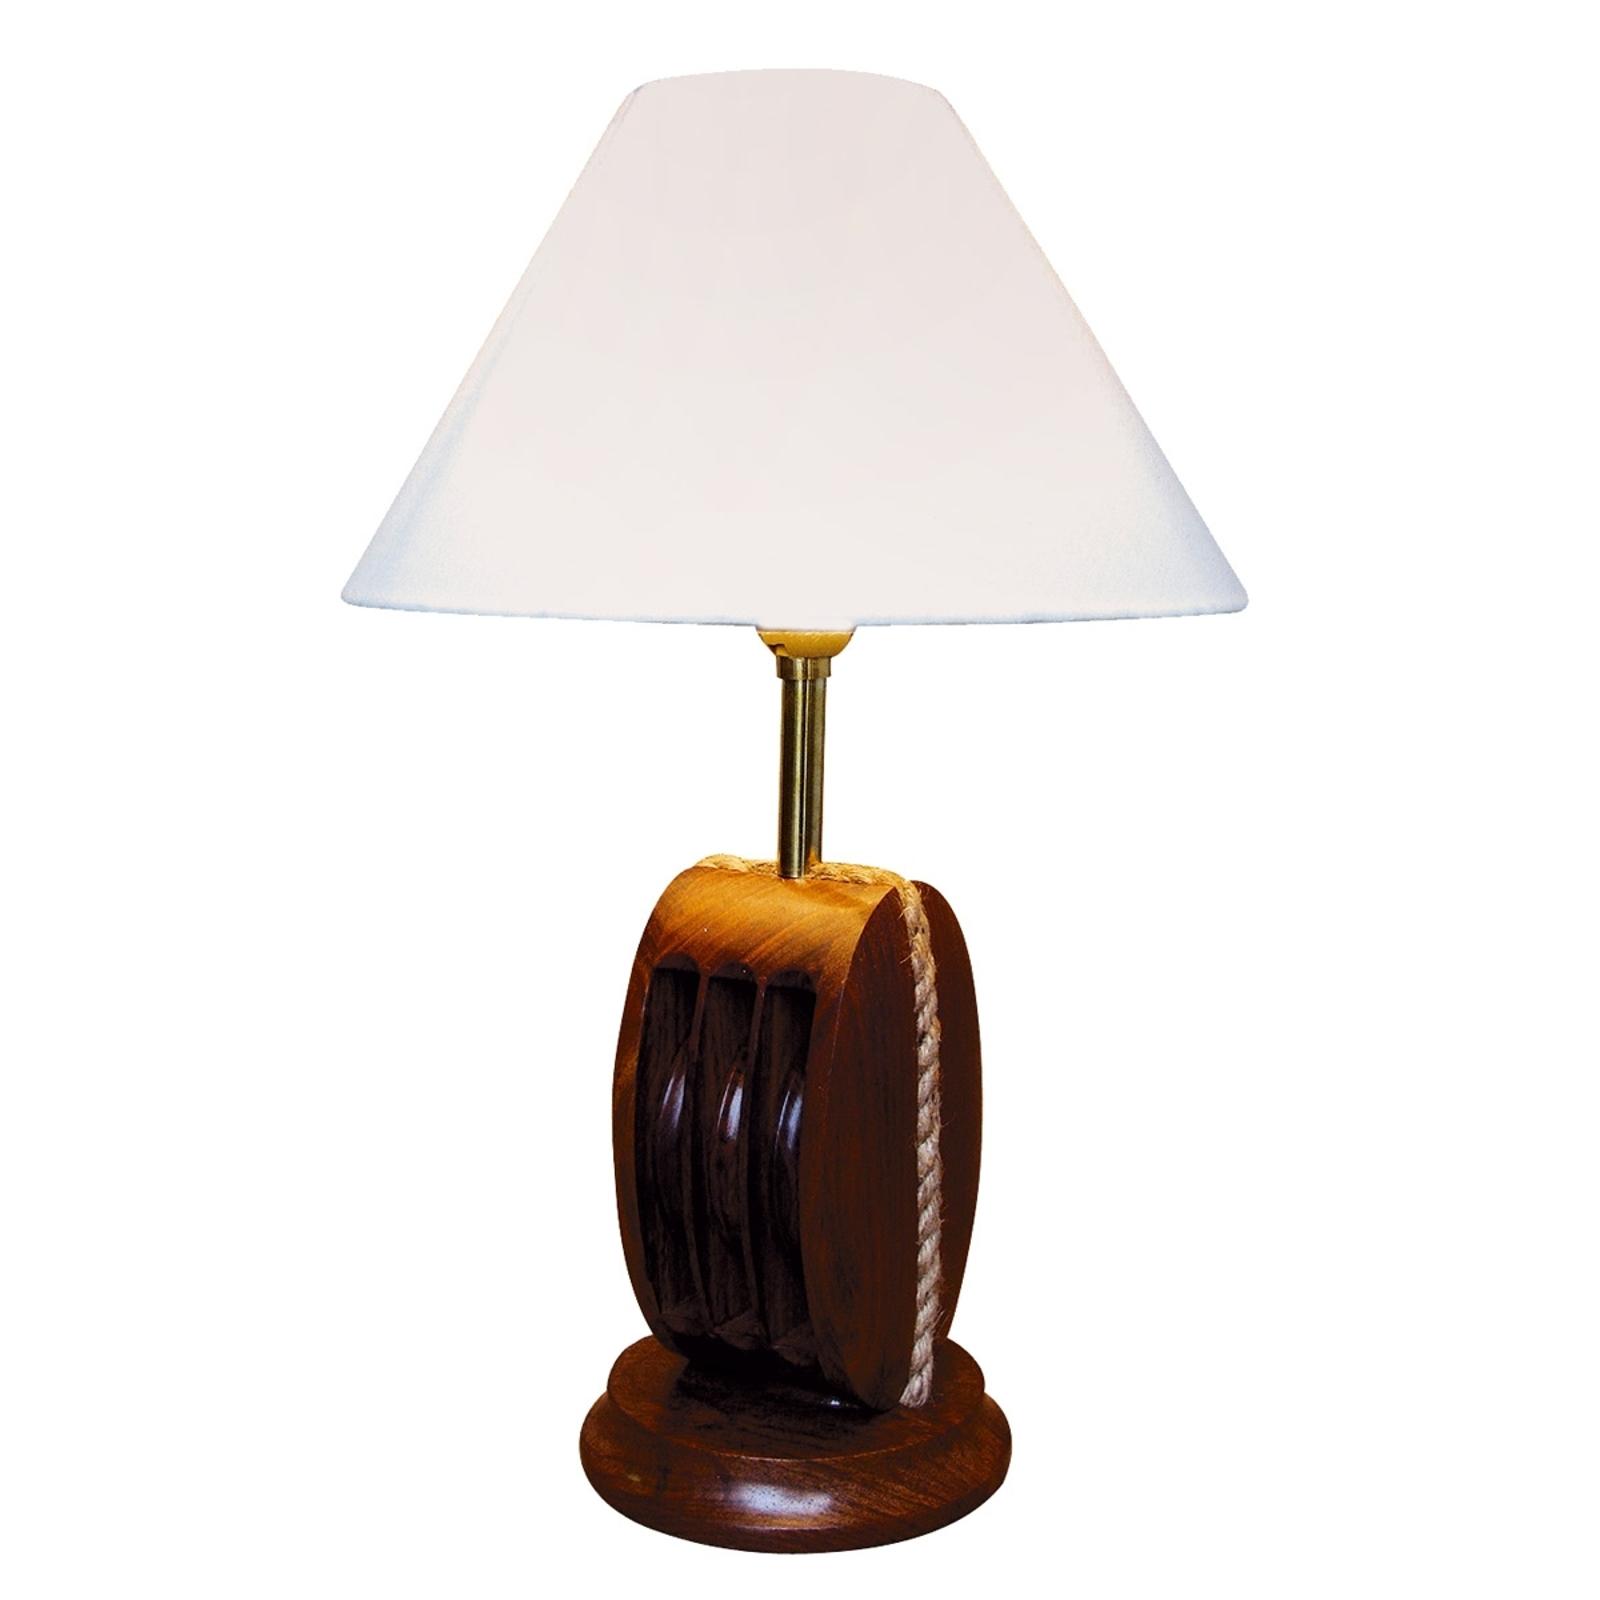 Originele tafellamp AHOI met hout, 52 cm hoog